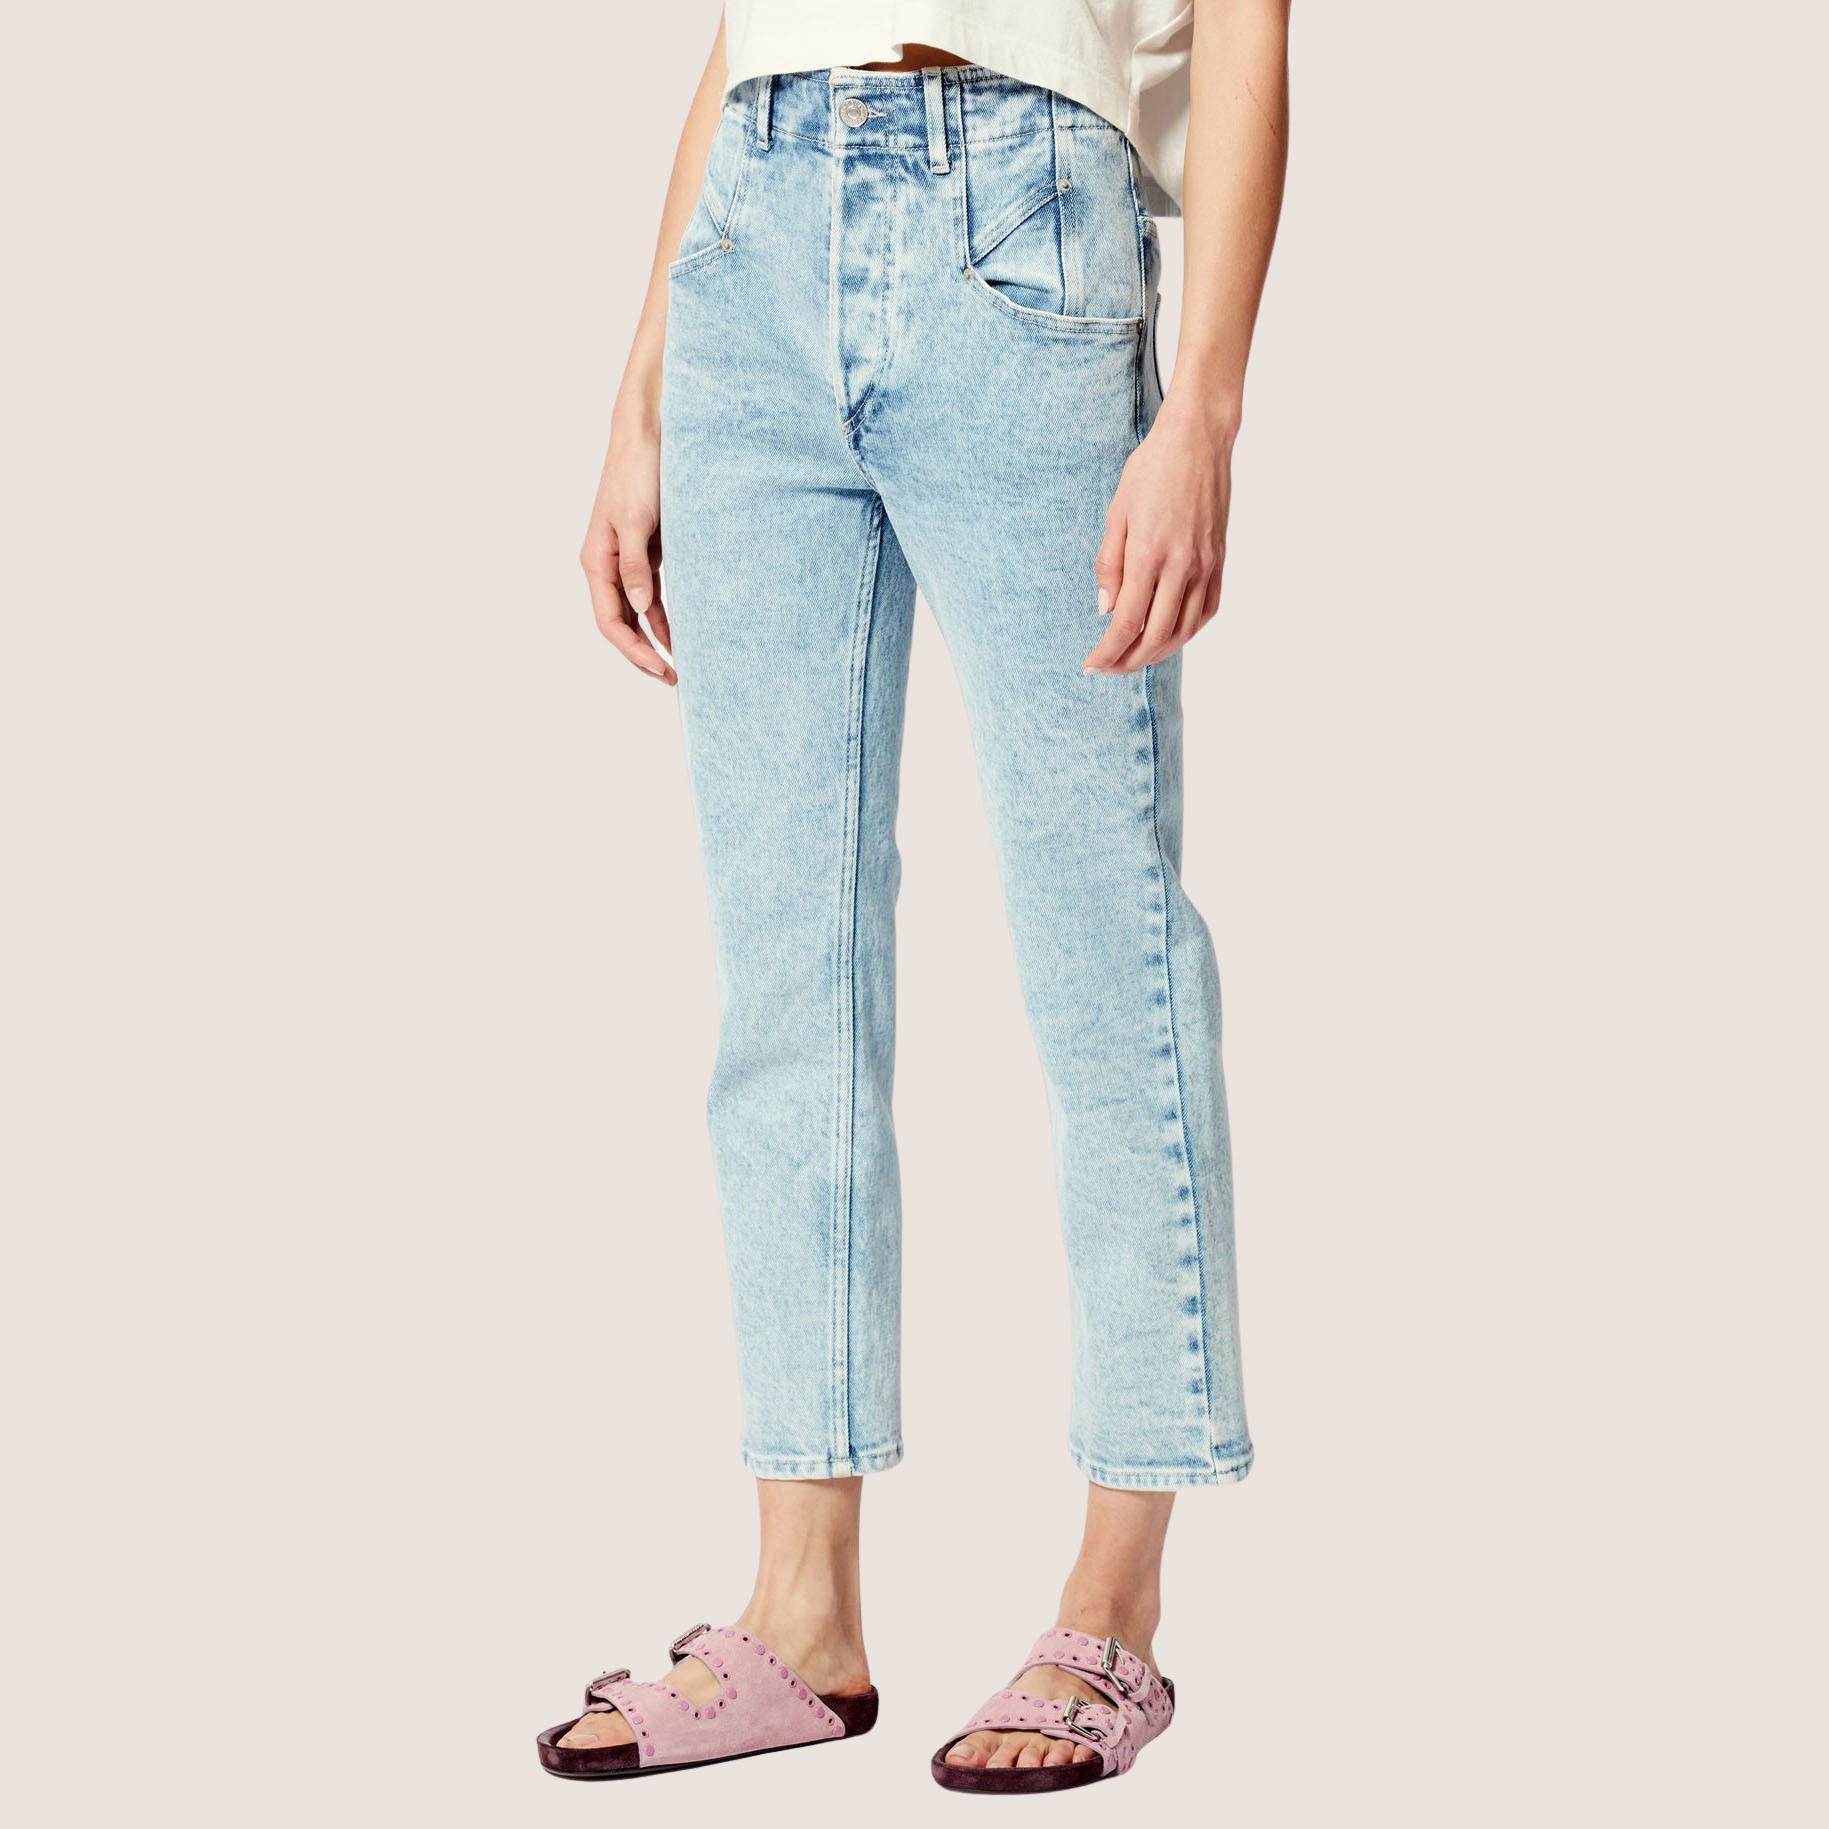 Dilianesr Pants